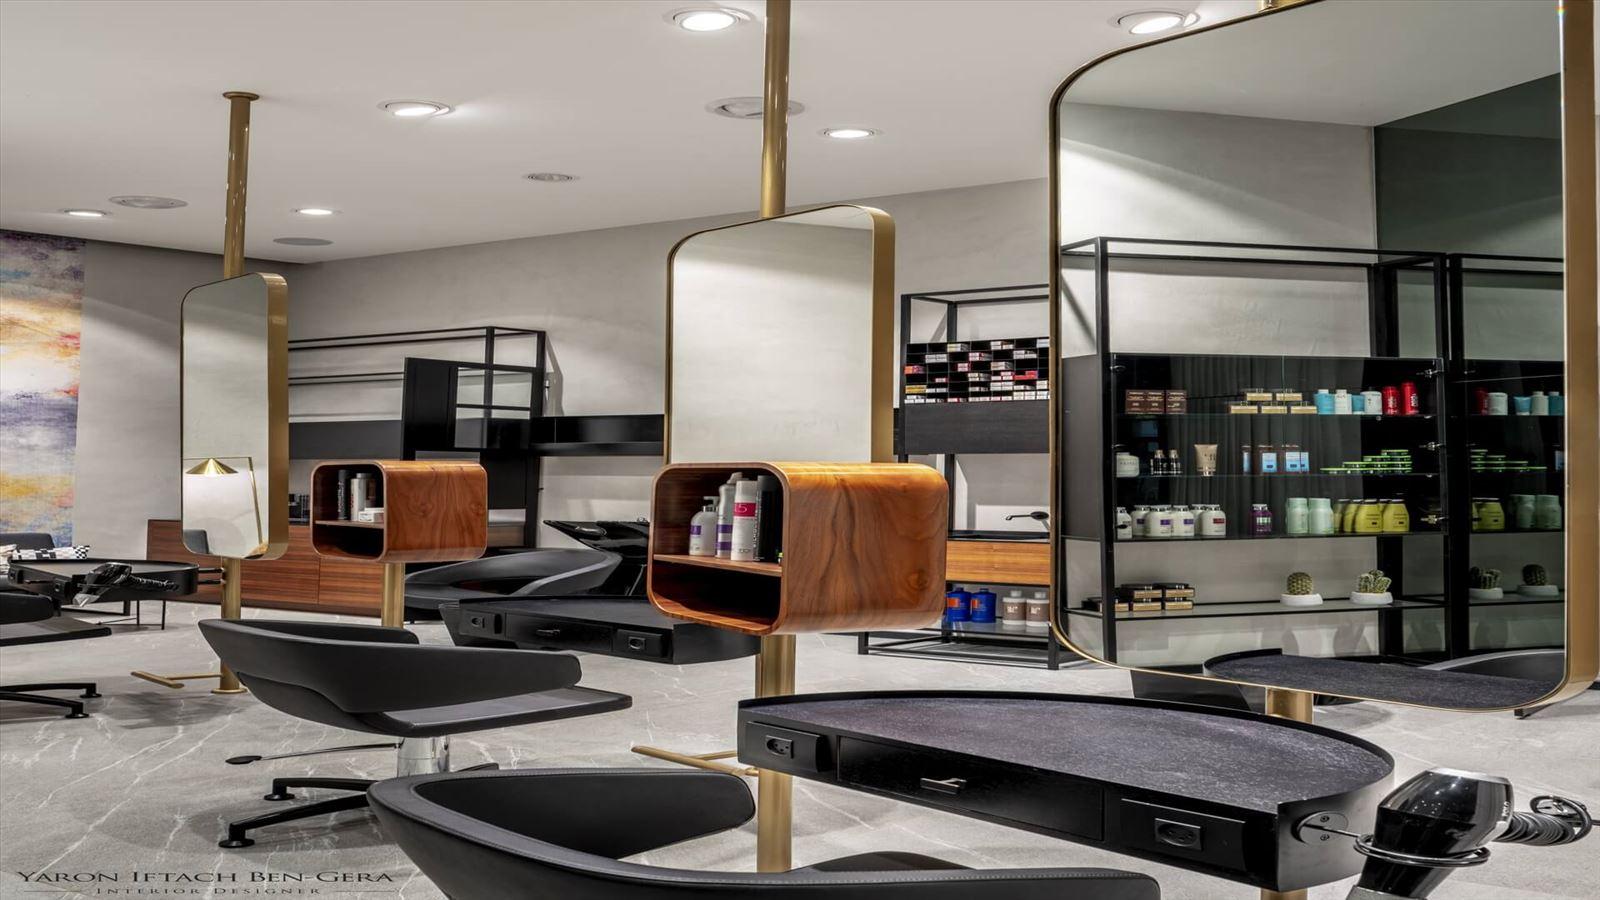 Boutique Hair Dressing Salon עיצוב תאורת המספרת על ידי קמחי תאורה אדריכלית